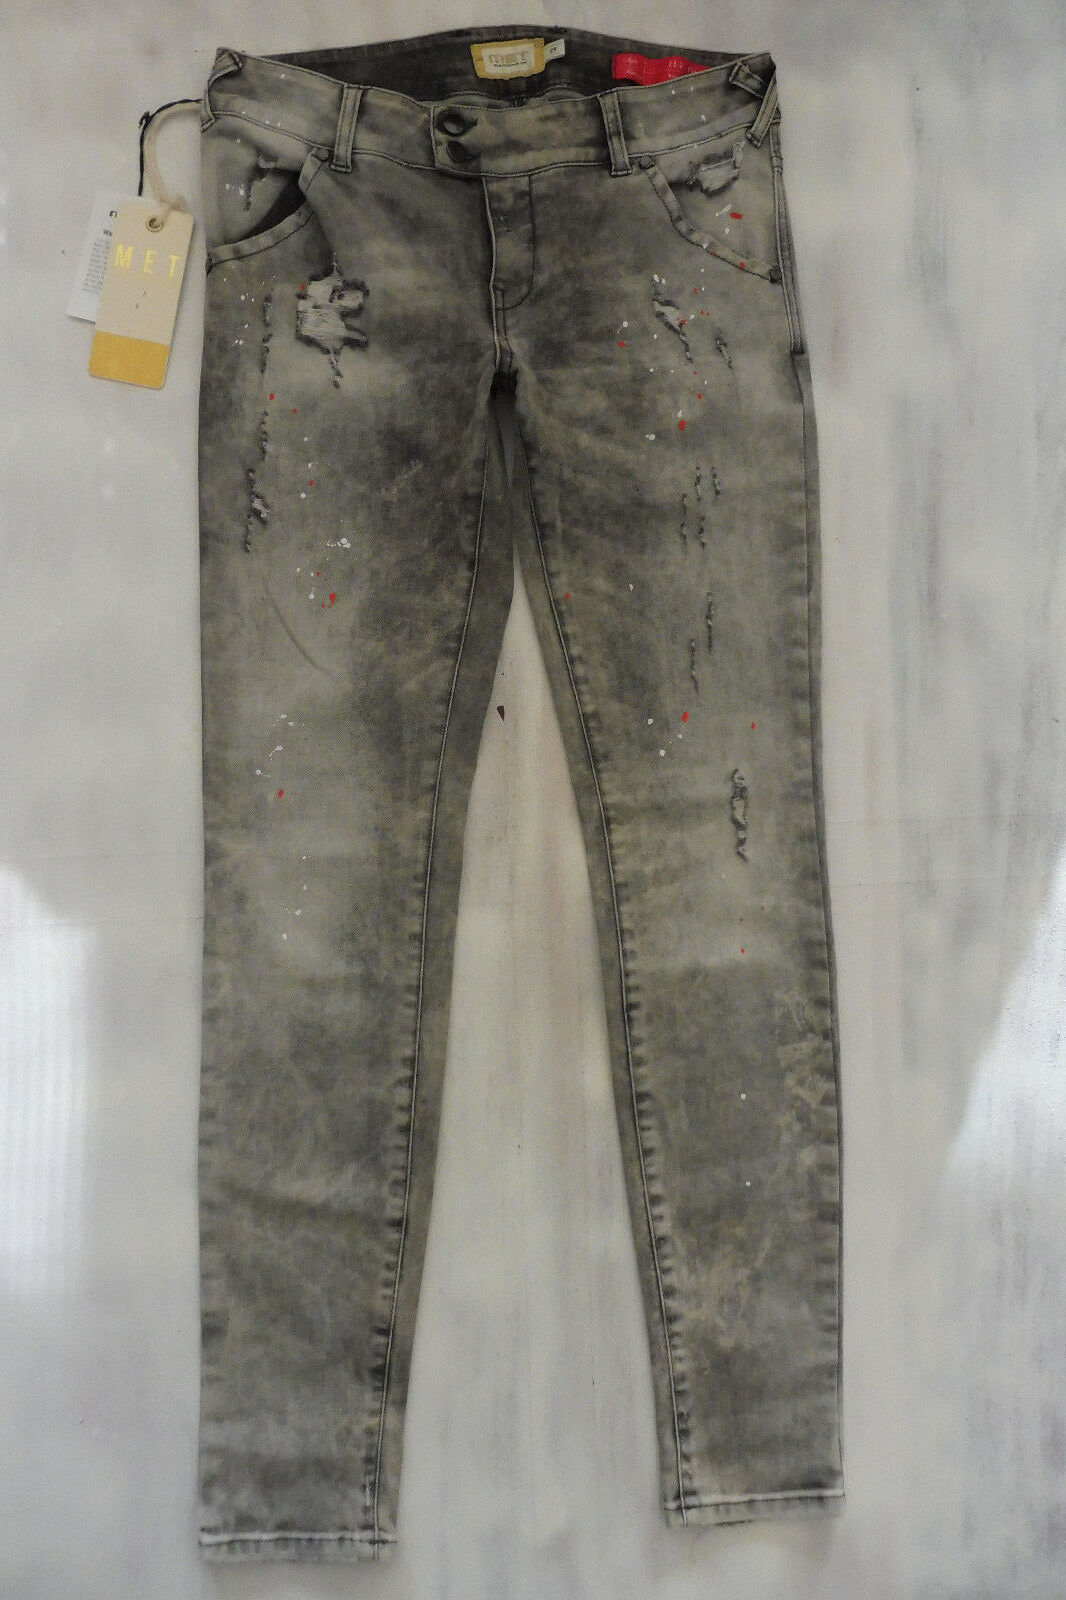 MET  H-K-Fit High Waist Skinny Jeans Jeans Jeans Hose used grau Gr S 36 38 W29 L30 Neu | Das hochwertigste Material  | Authentisch  | Moderne Muster  | Genialität  | Hervorragende Eigenschaften  5cbdea